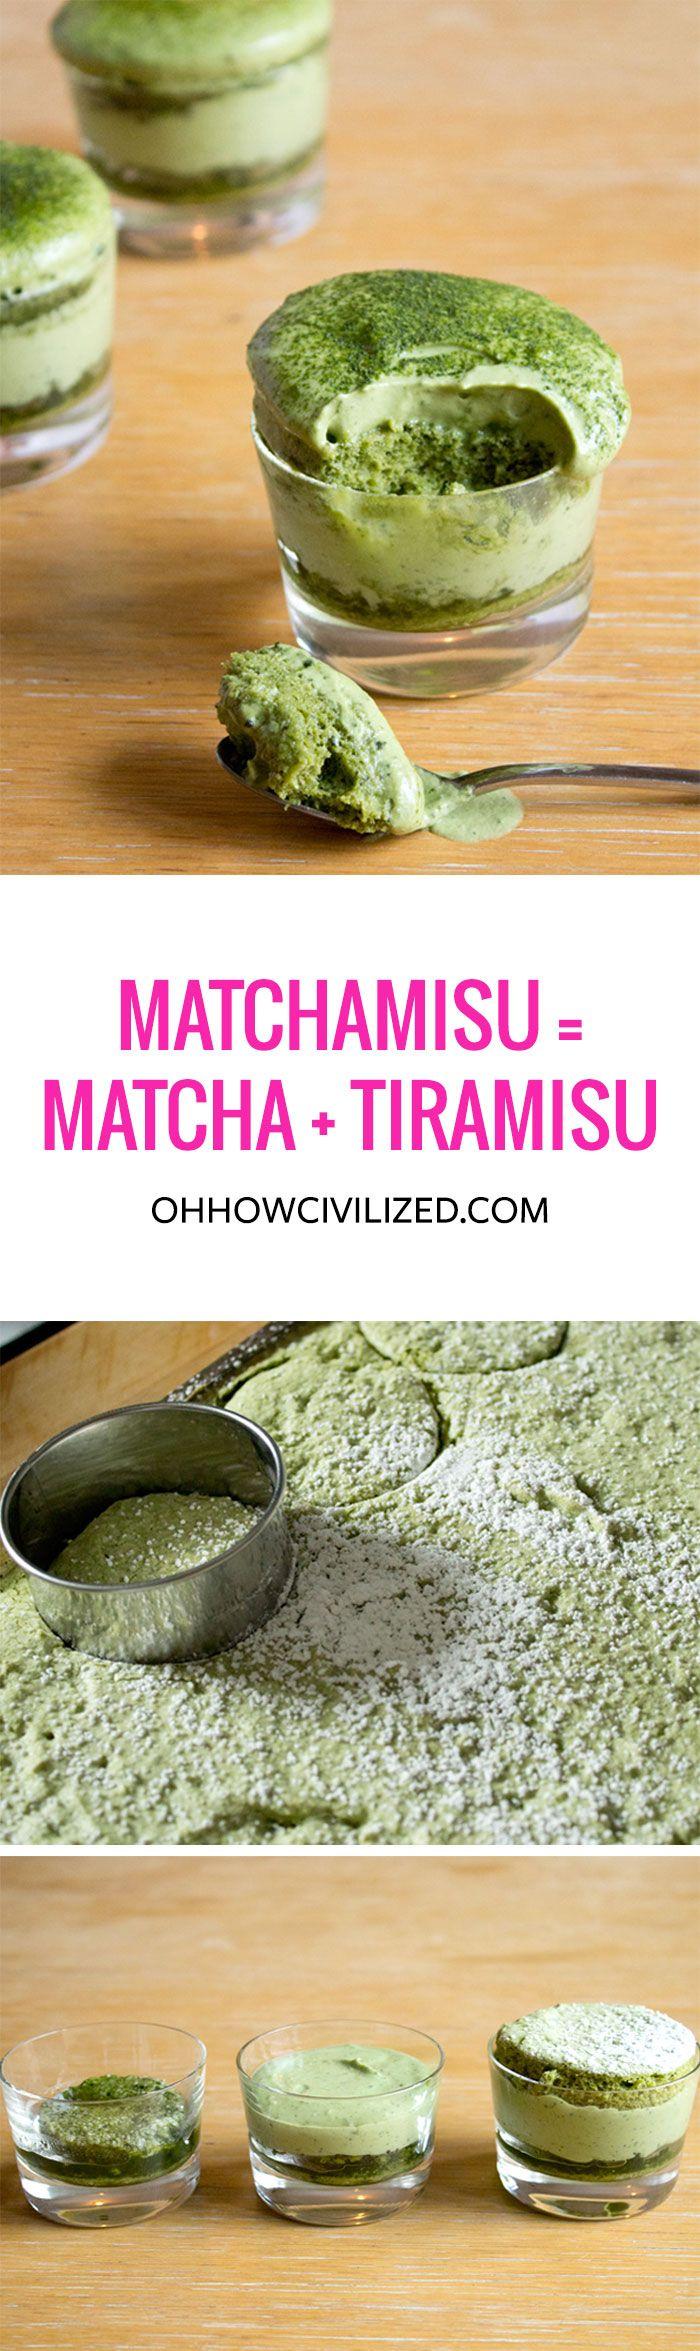 Matchamisu = Matcha (Green Tea) + Tiramisu